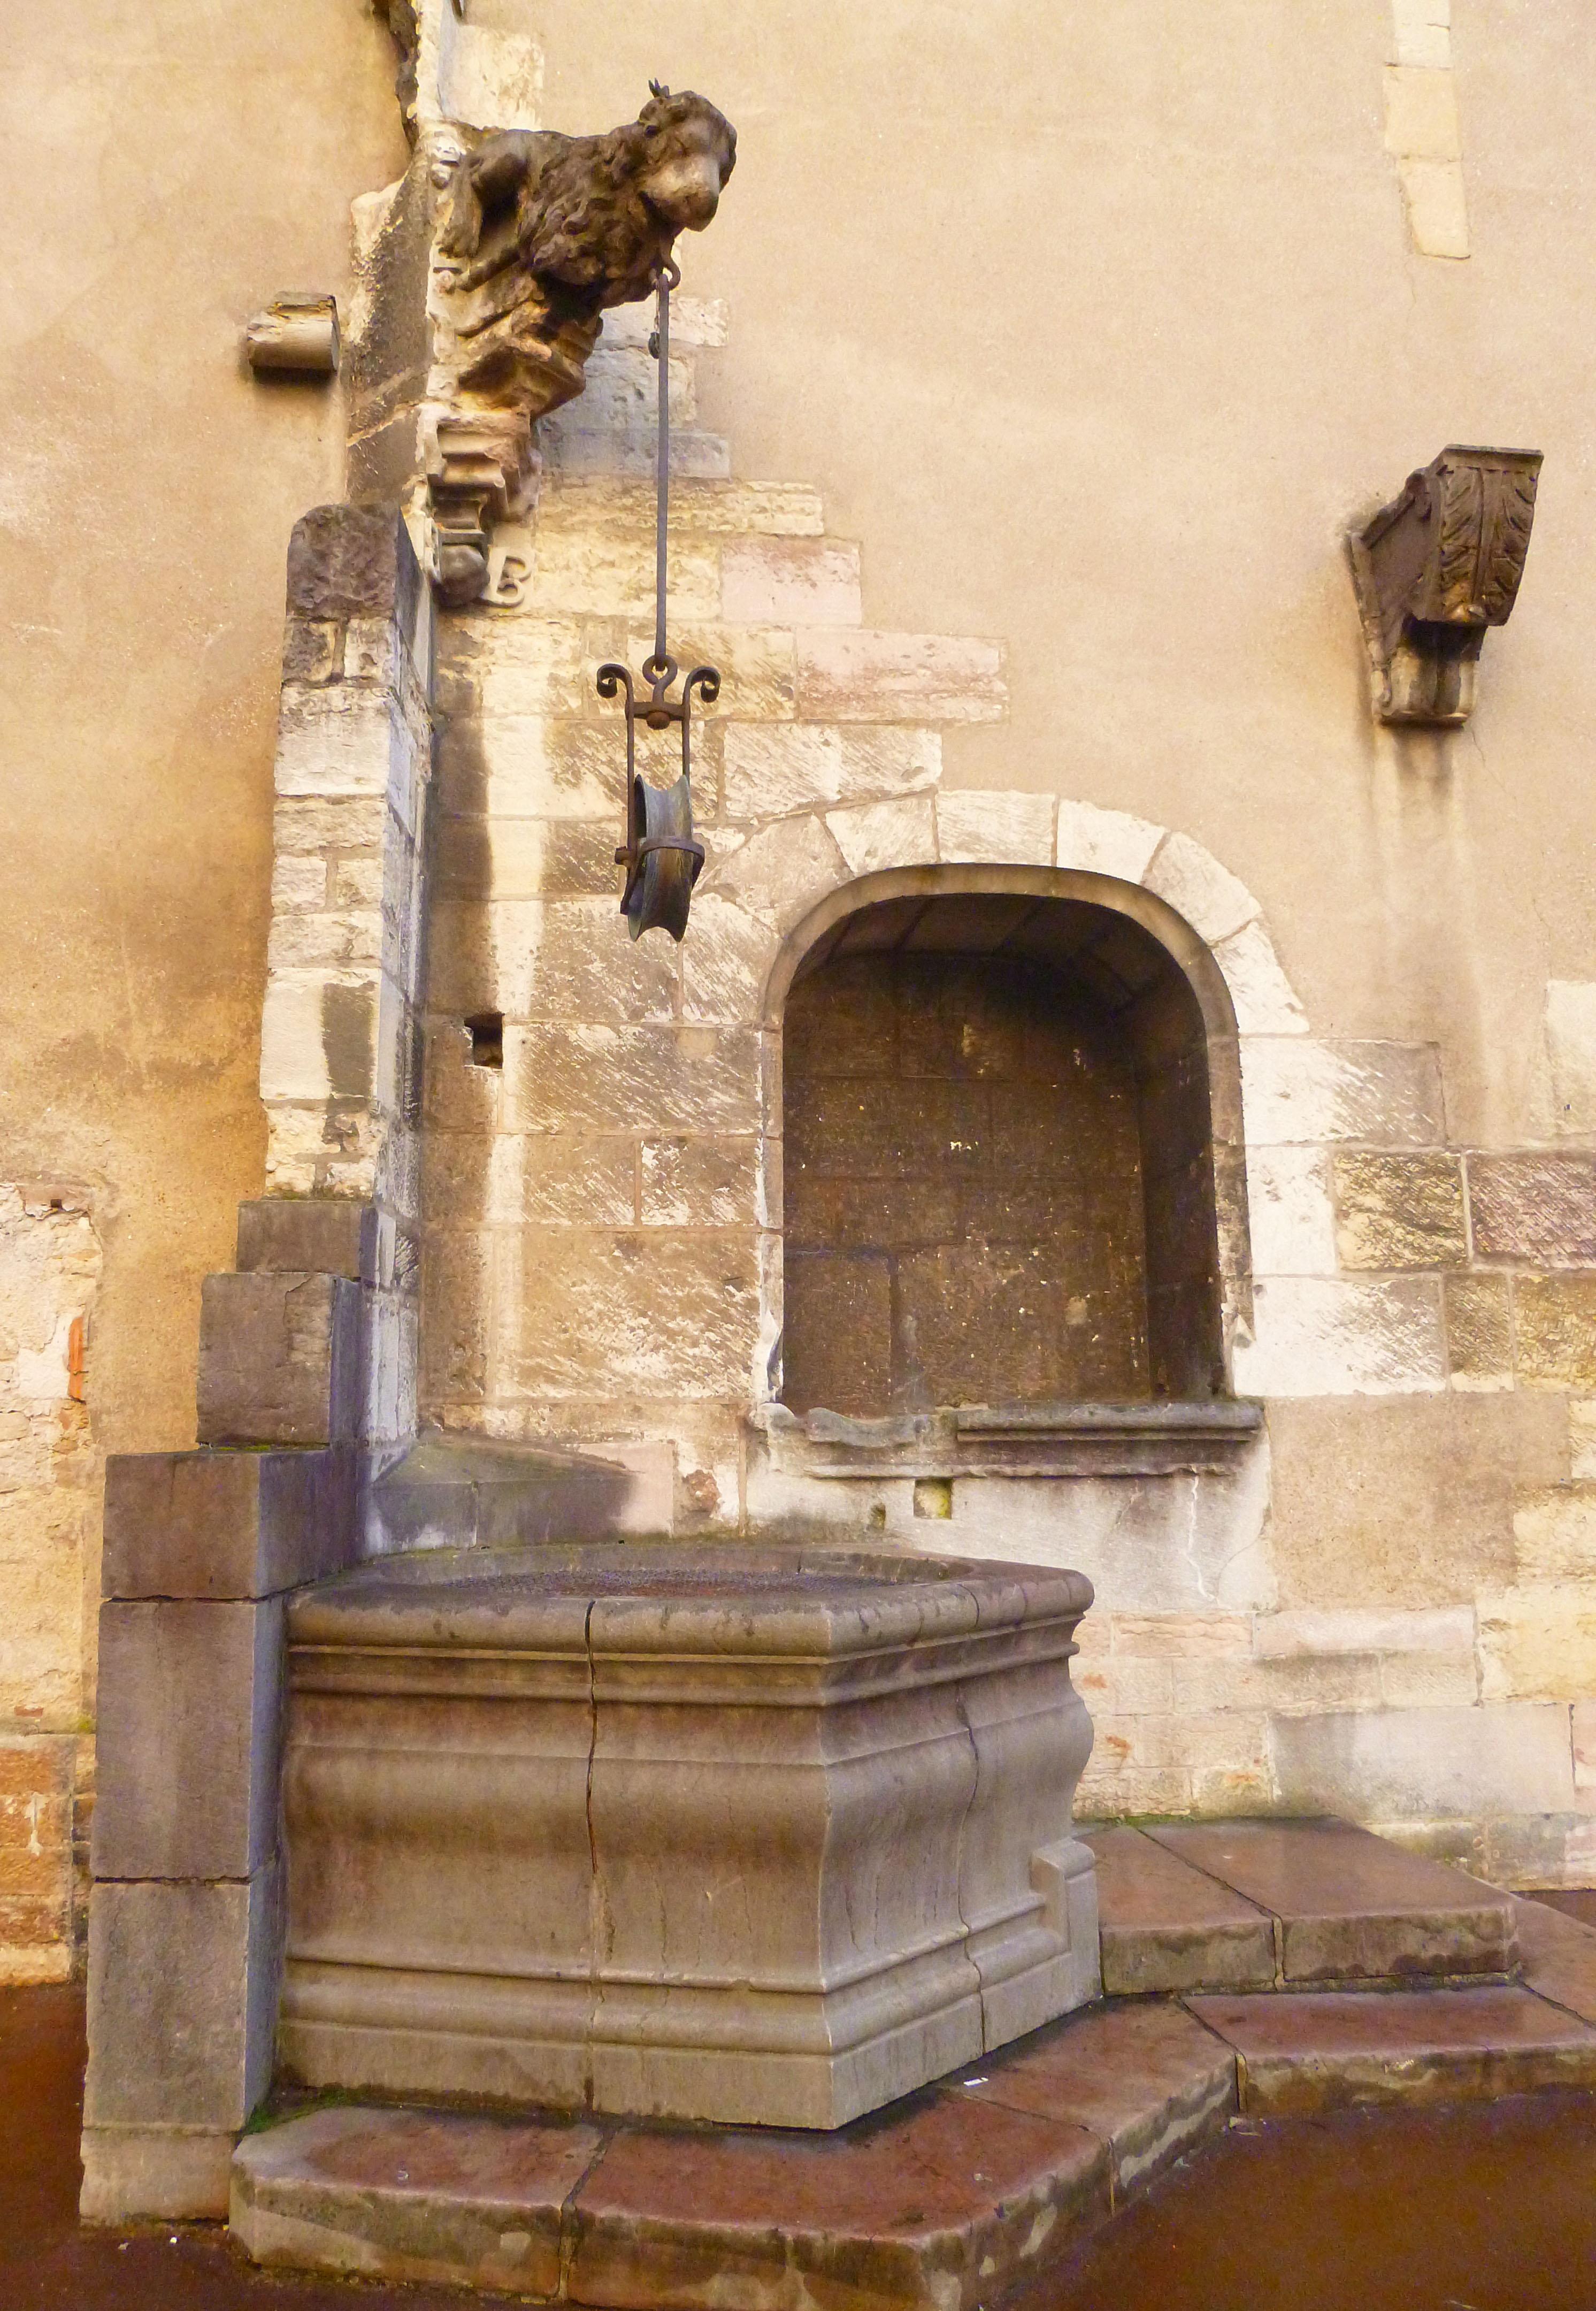 Puits Cuisines ducales Dijon - Photographie de E Moreau pour Les Visites du Jeune Téméraire